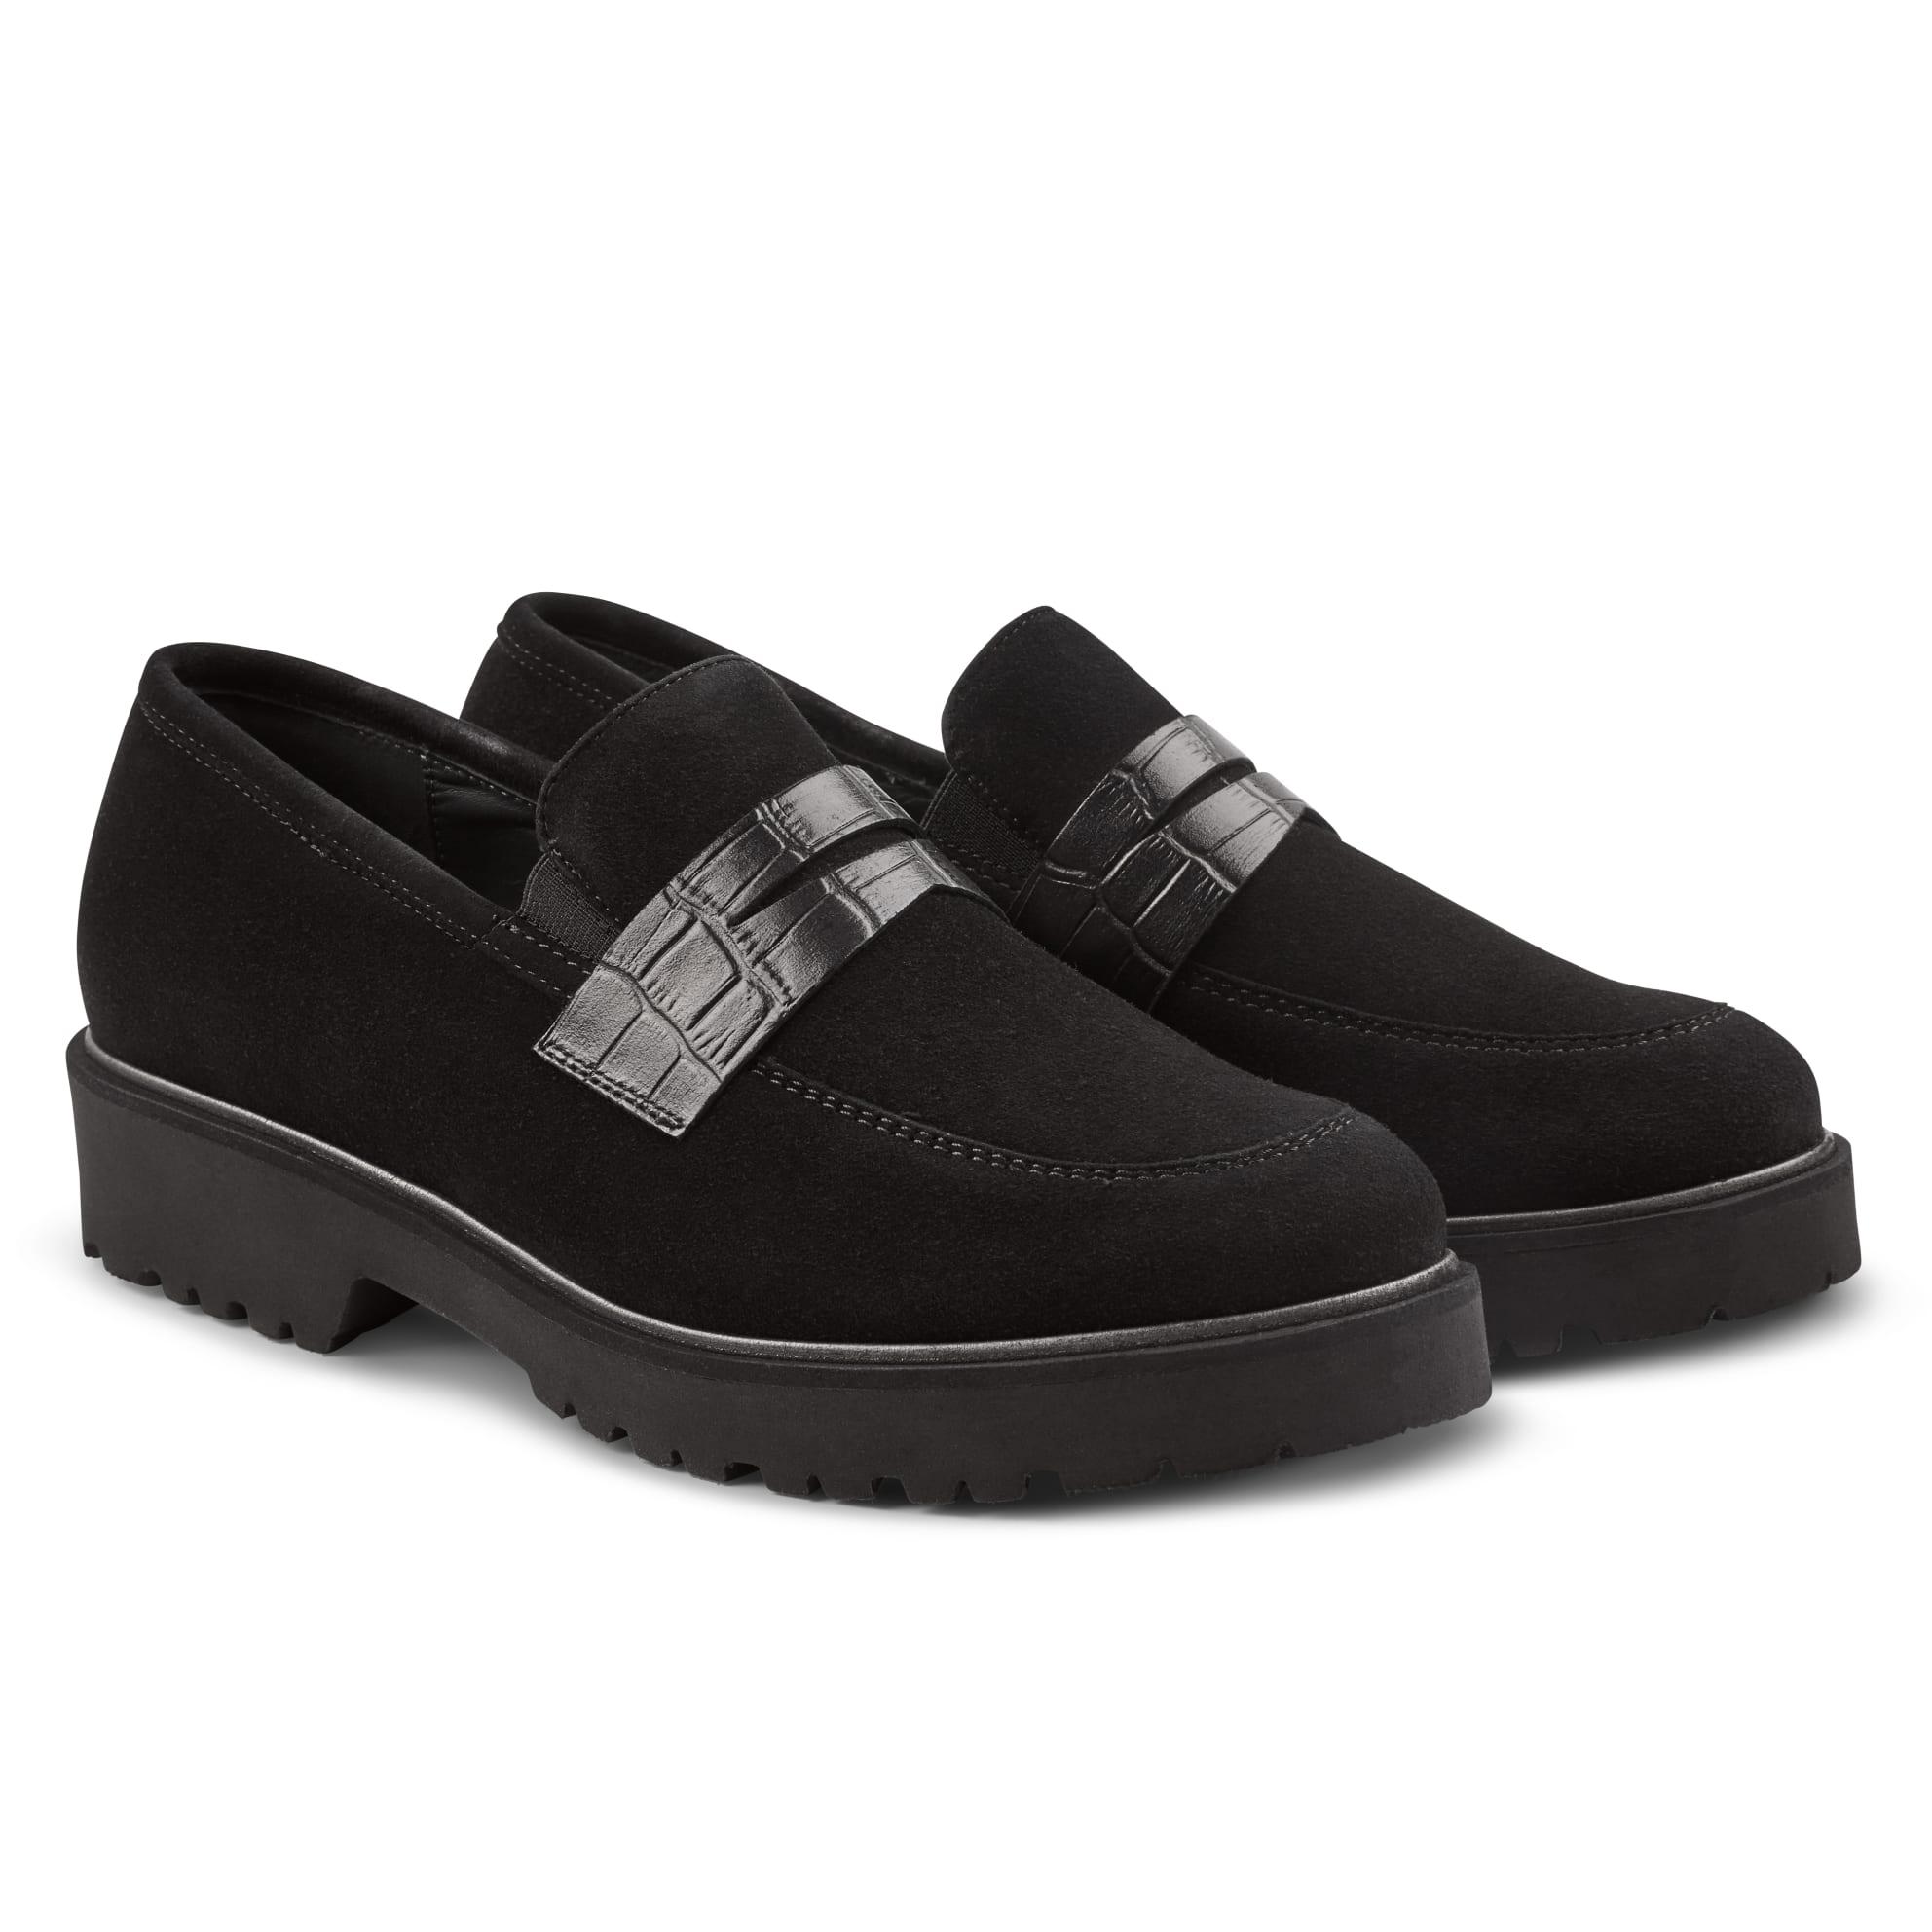 Premium Loafer mit Profilsohle Schwarz – modischer und bequemer Schuh für Hallux valgus und empfindliche Füße von LaShoe.de